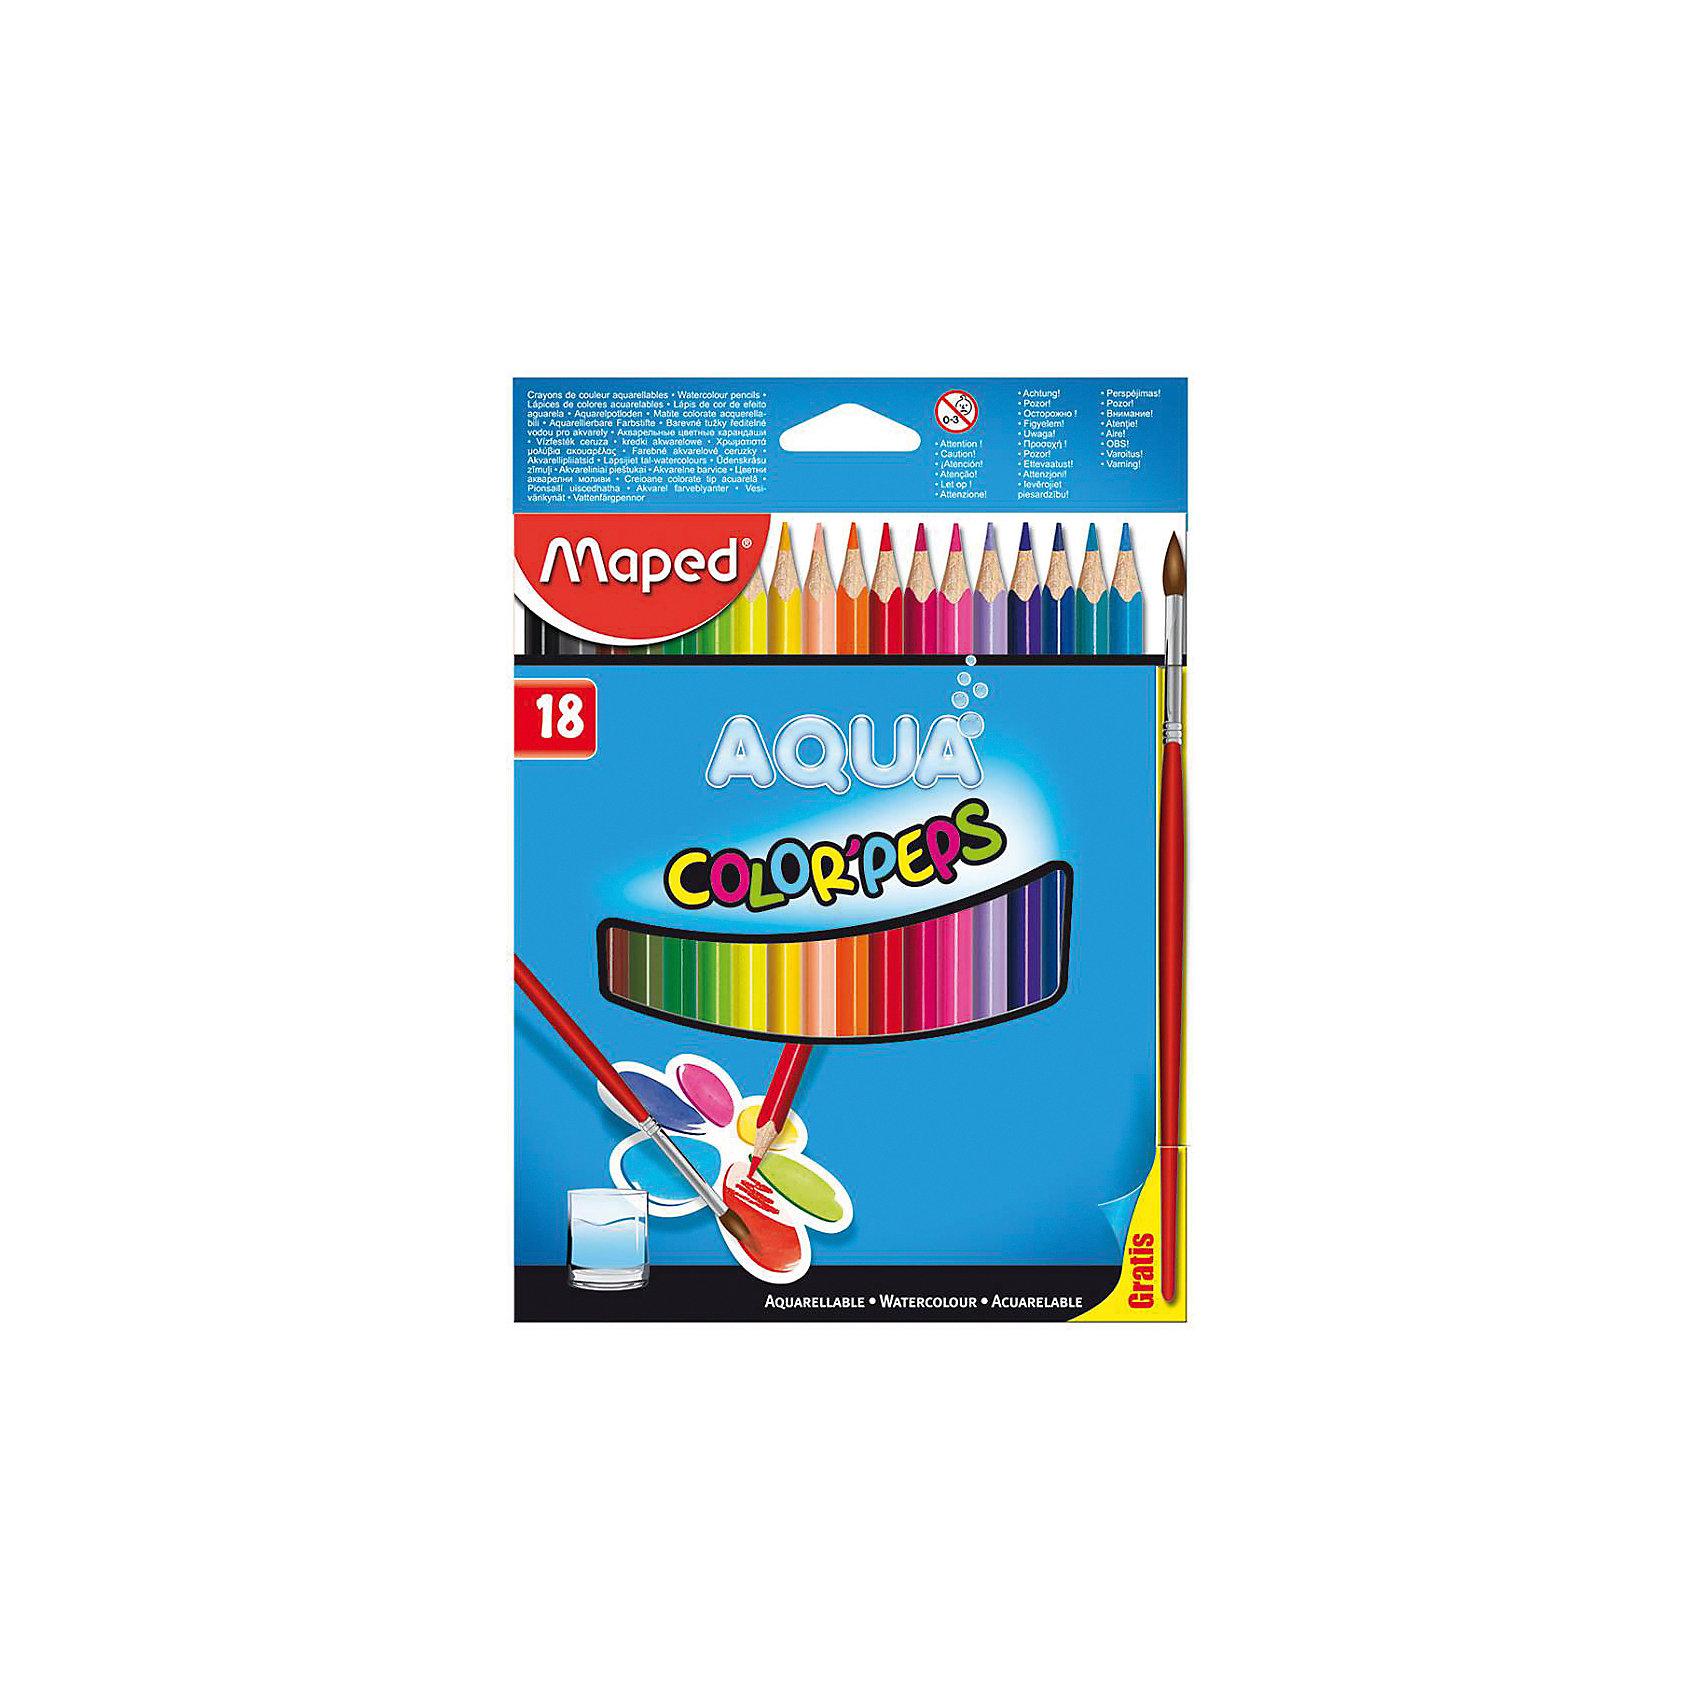 Набор цветных карандашей АКВА COLORPEPS, 18 цв.Письменные принадлежности<br>Набор цветных карандашей АКВА COLORPEPS, 18 цв. от марки Maped<br><br>Эти карандаши созданы компанией Maped для комфортного и легкого рисования. Легко затачиваются, при этом грифель очень устойчив к поломкам. Цвета яркие, линия мягкая и однородная. Рисование помогает детям развивать усидчивость, воображение, образное восприятие мира, а также мелкую моторику рук.<br>Грифель этих карандашей - из высококачественного материала. В наборе - 18 карандашей разных цветов. Они отлично лежат в руке благодаря удобной форме и качественному покрытию. Действительно удобный инструмент для рисования. Созданы для ярких картин! Безопасны для детей. Данный набор отличается присутствием кисточки в наборе. Эти карандаши относятся к акварельным, поэтому их можно развести водой и смешать цвета.<br><br>Особенности данной модели:<br><br>материал корпуса: дерево;<br>комплектация: 18 цветных карандашей, комплектация;<br>упаковка: картон;<br><br>Набор цветных карандашей АКВА COLORPEPS, 18 цв. от марки Maped можно купить в нашем магазине.<br><br>Ширина мм: 153<br>Глубина мм: 214<br>Высота мм: 9<br>Вес г: 124<br>Возраст от месяцев: 36<br>Возраст до месяцев: 2147483647<br>Пол: Унисекс<br>Возраст: Детский<br>SKU: 4684748